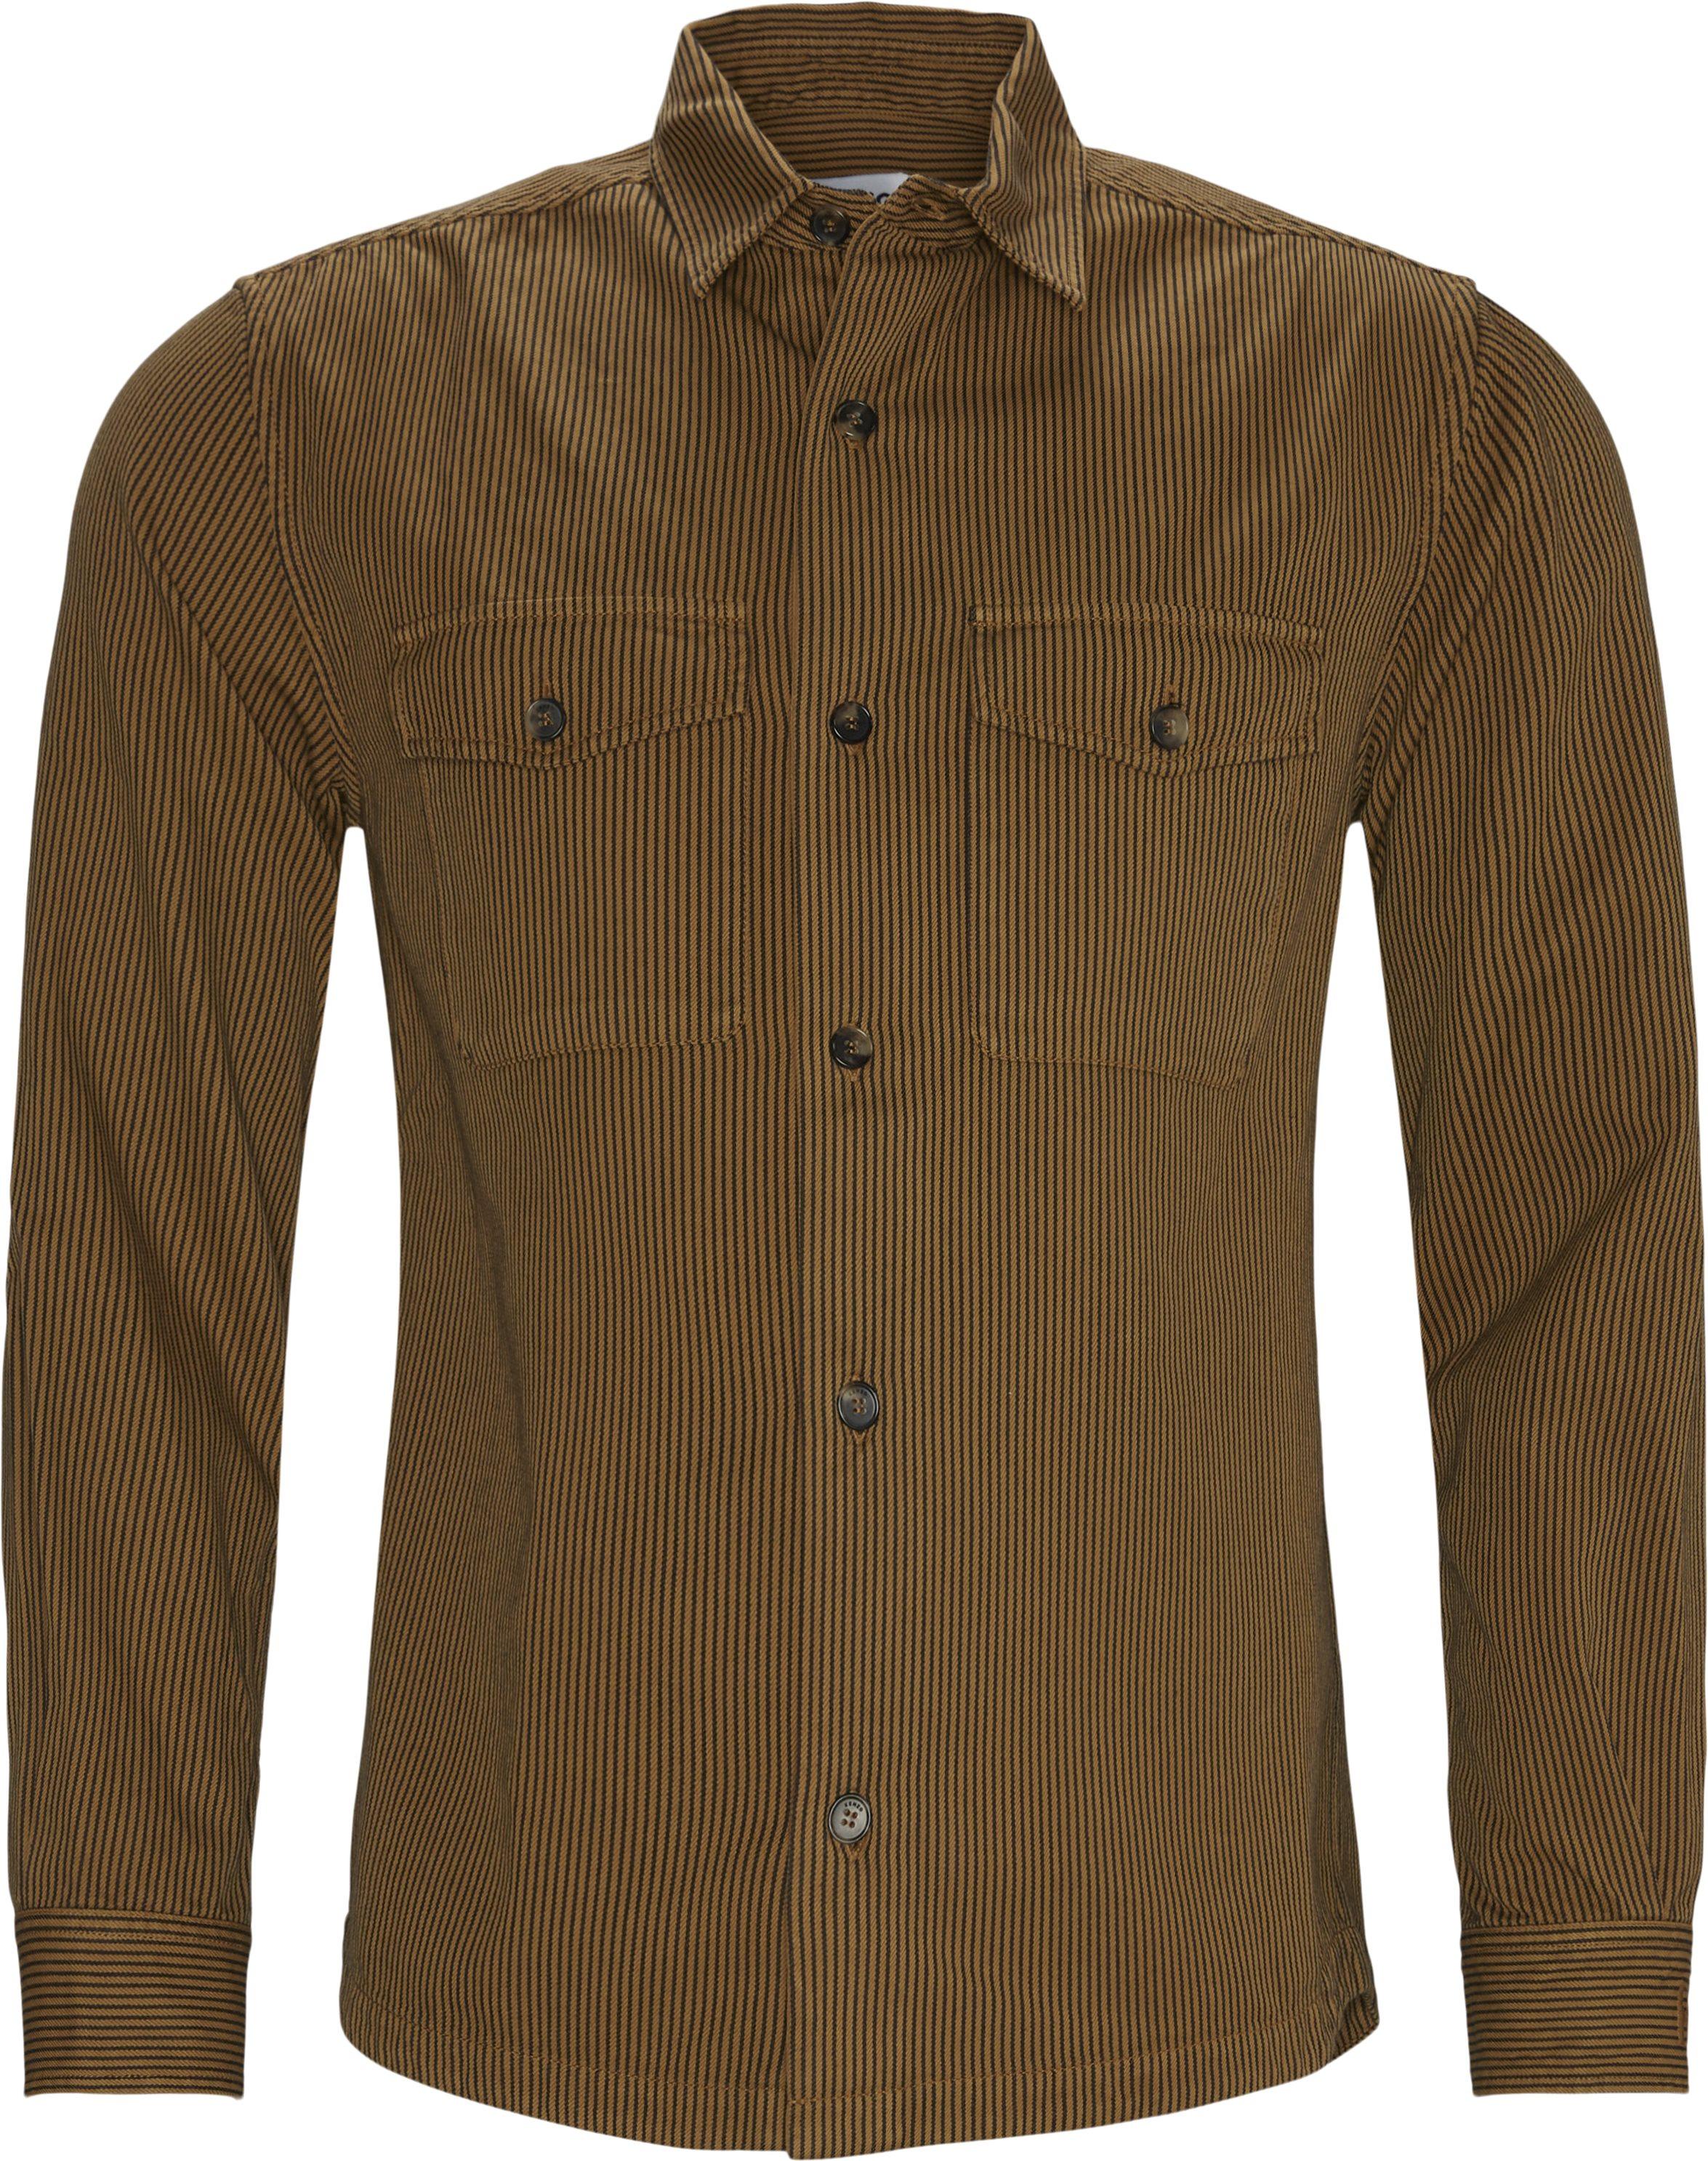 Oxford Skjorte - Skjorter - Regular fit - Brun